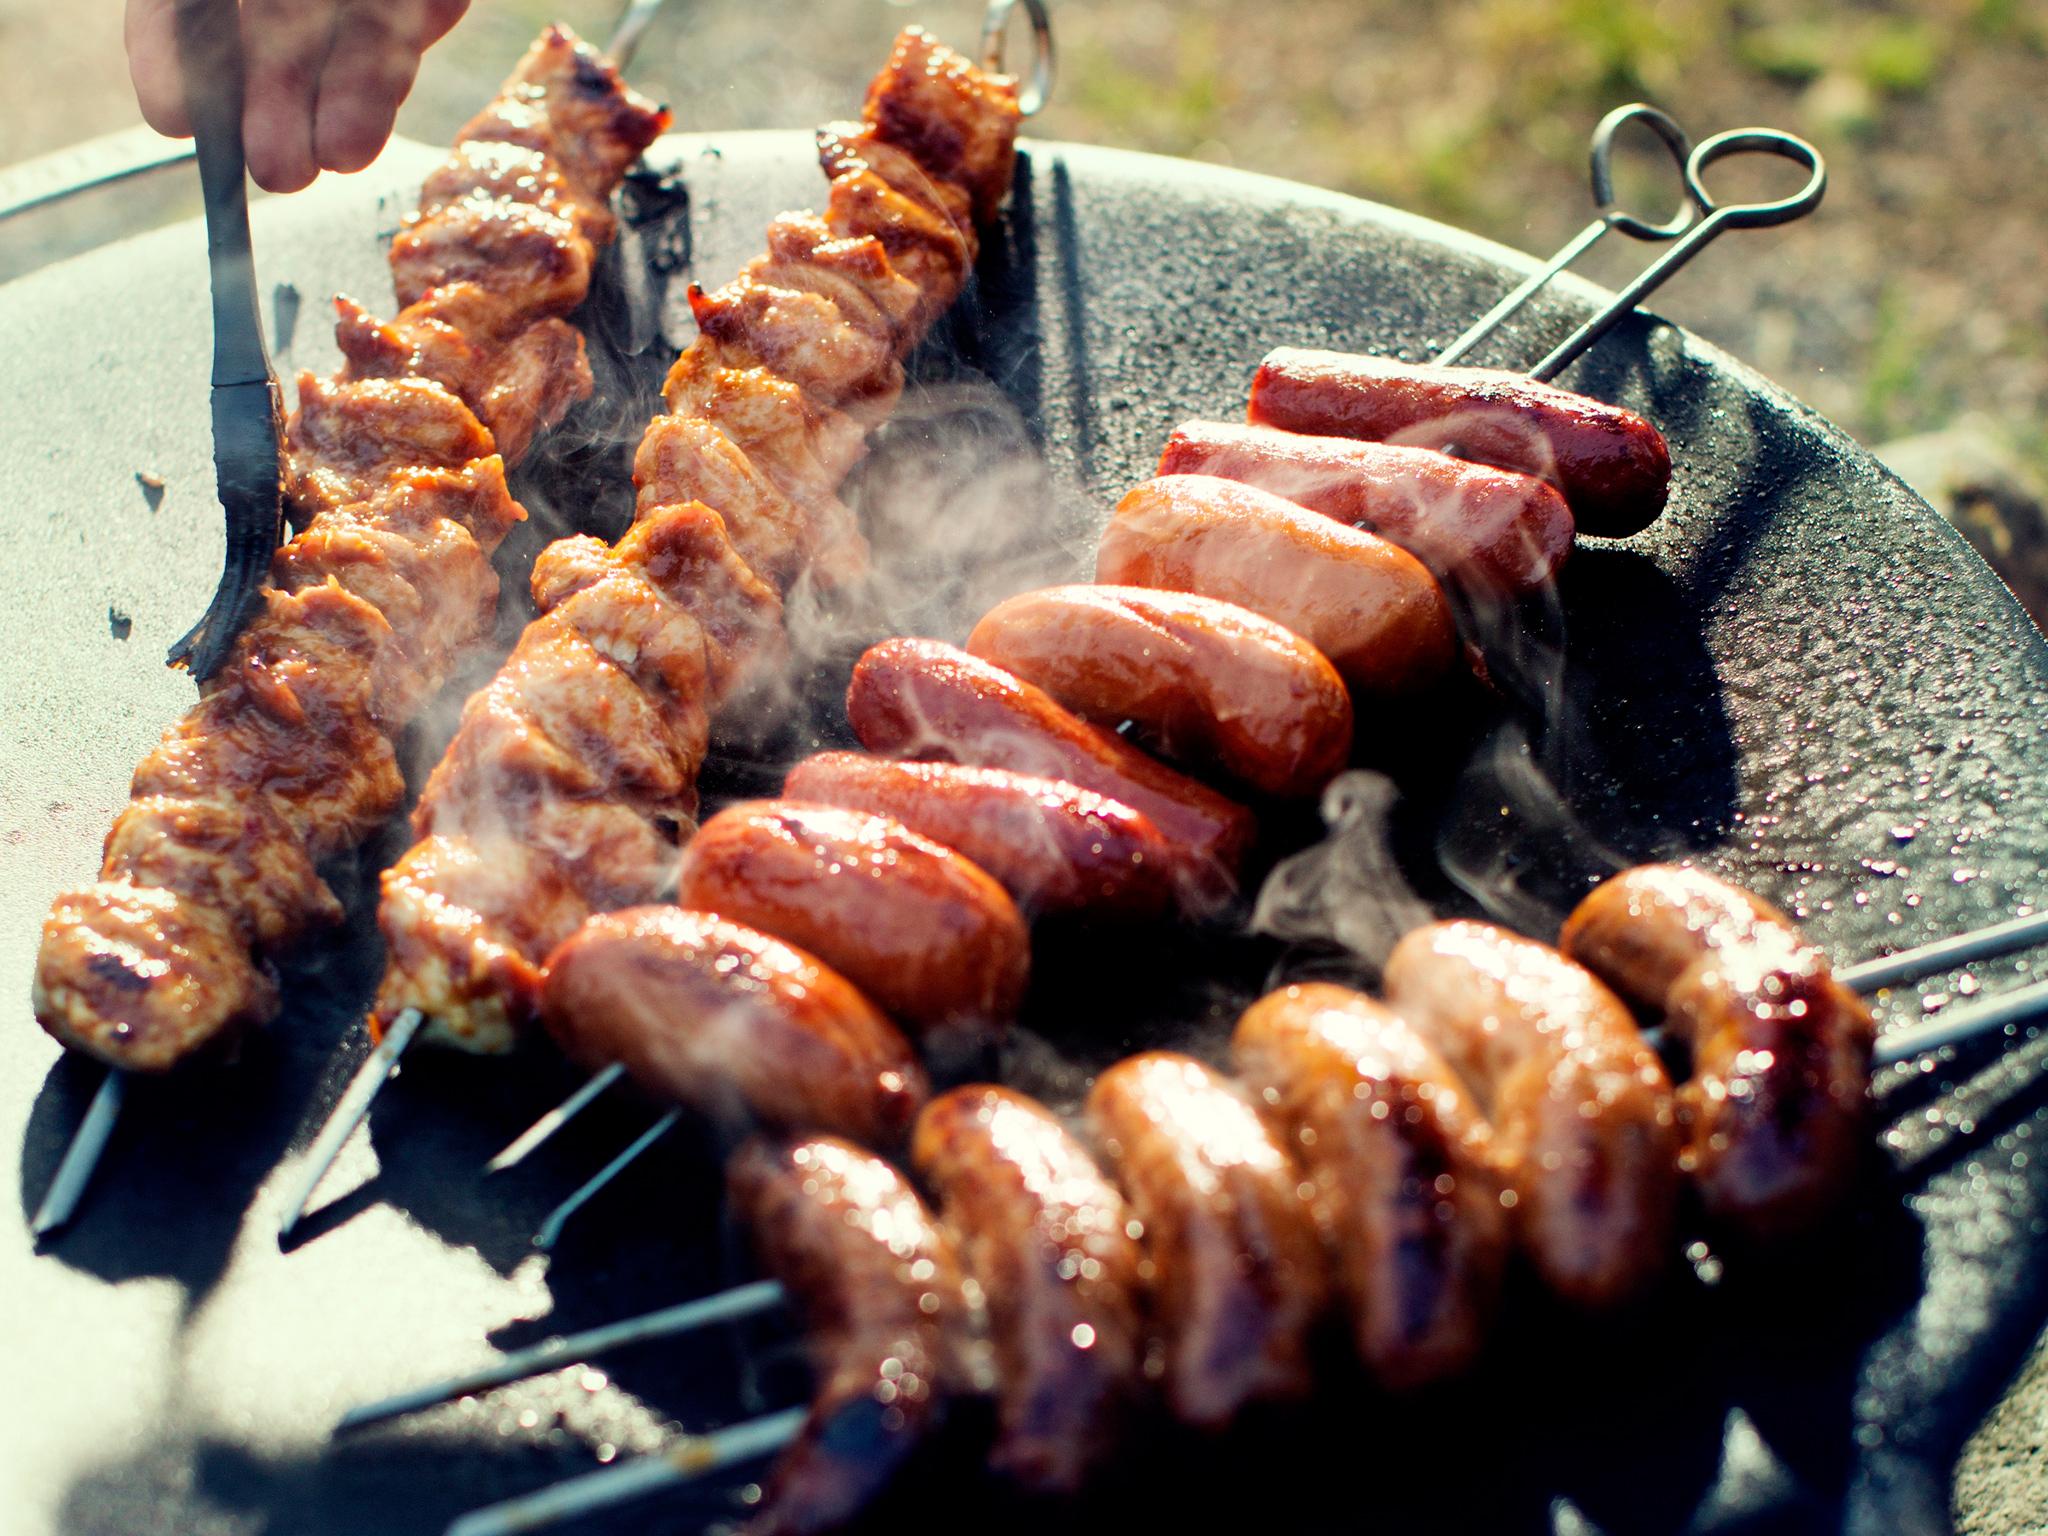 Tuliset makkaravartaat tehdään chorizosta, grillimakkarasta ja balkan-makkarasta